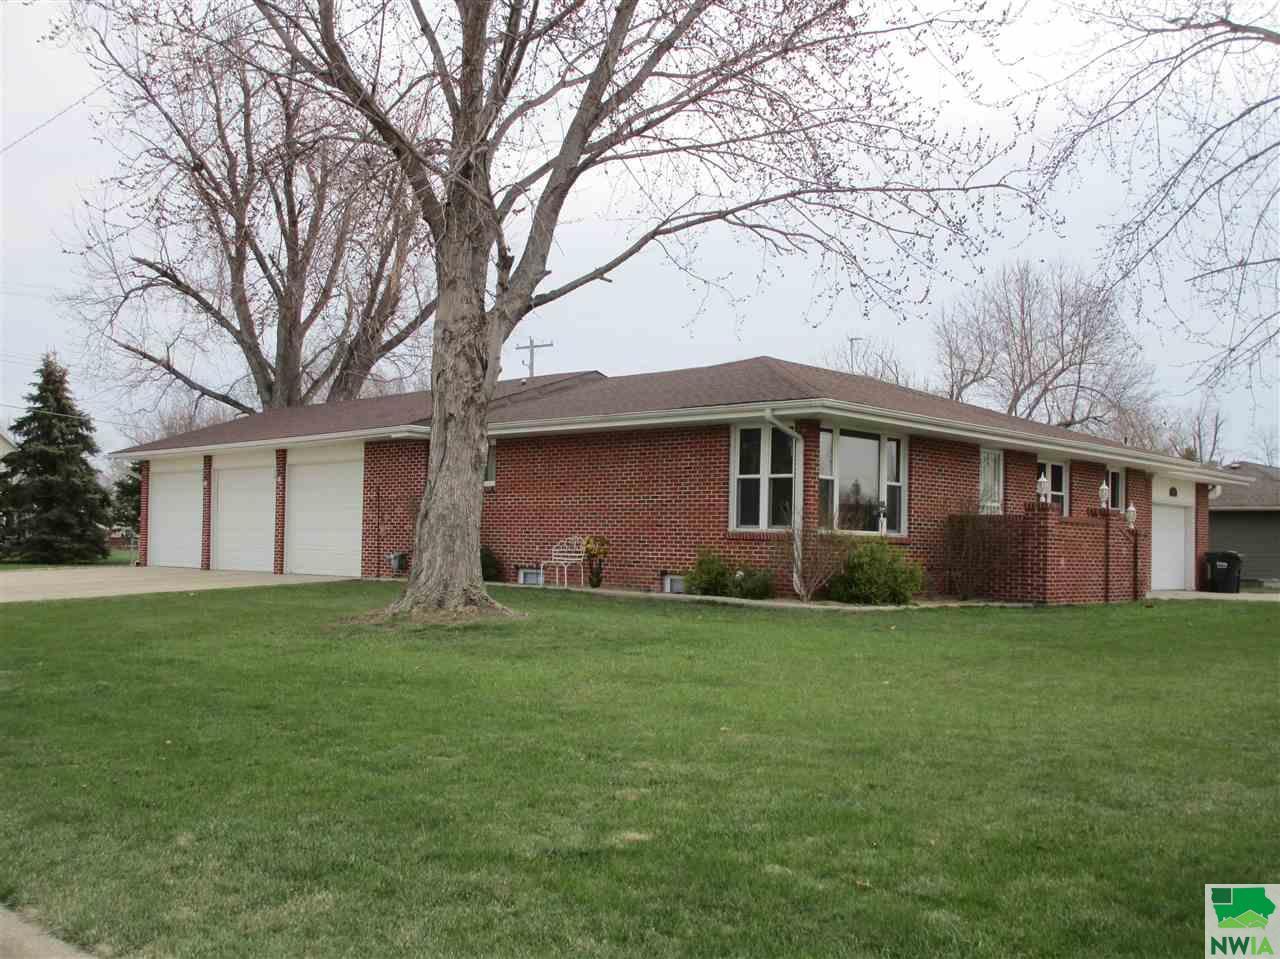 Property for sale at 1723 Mulberry Unit: St., Dakota City,  NE 68731